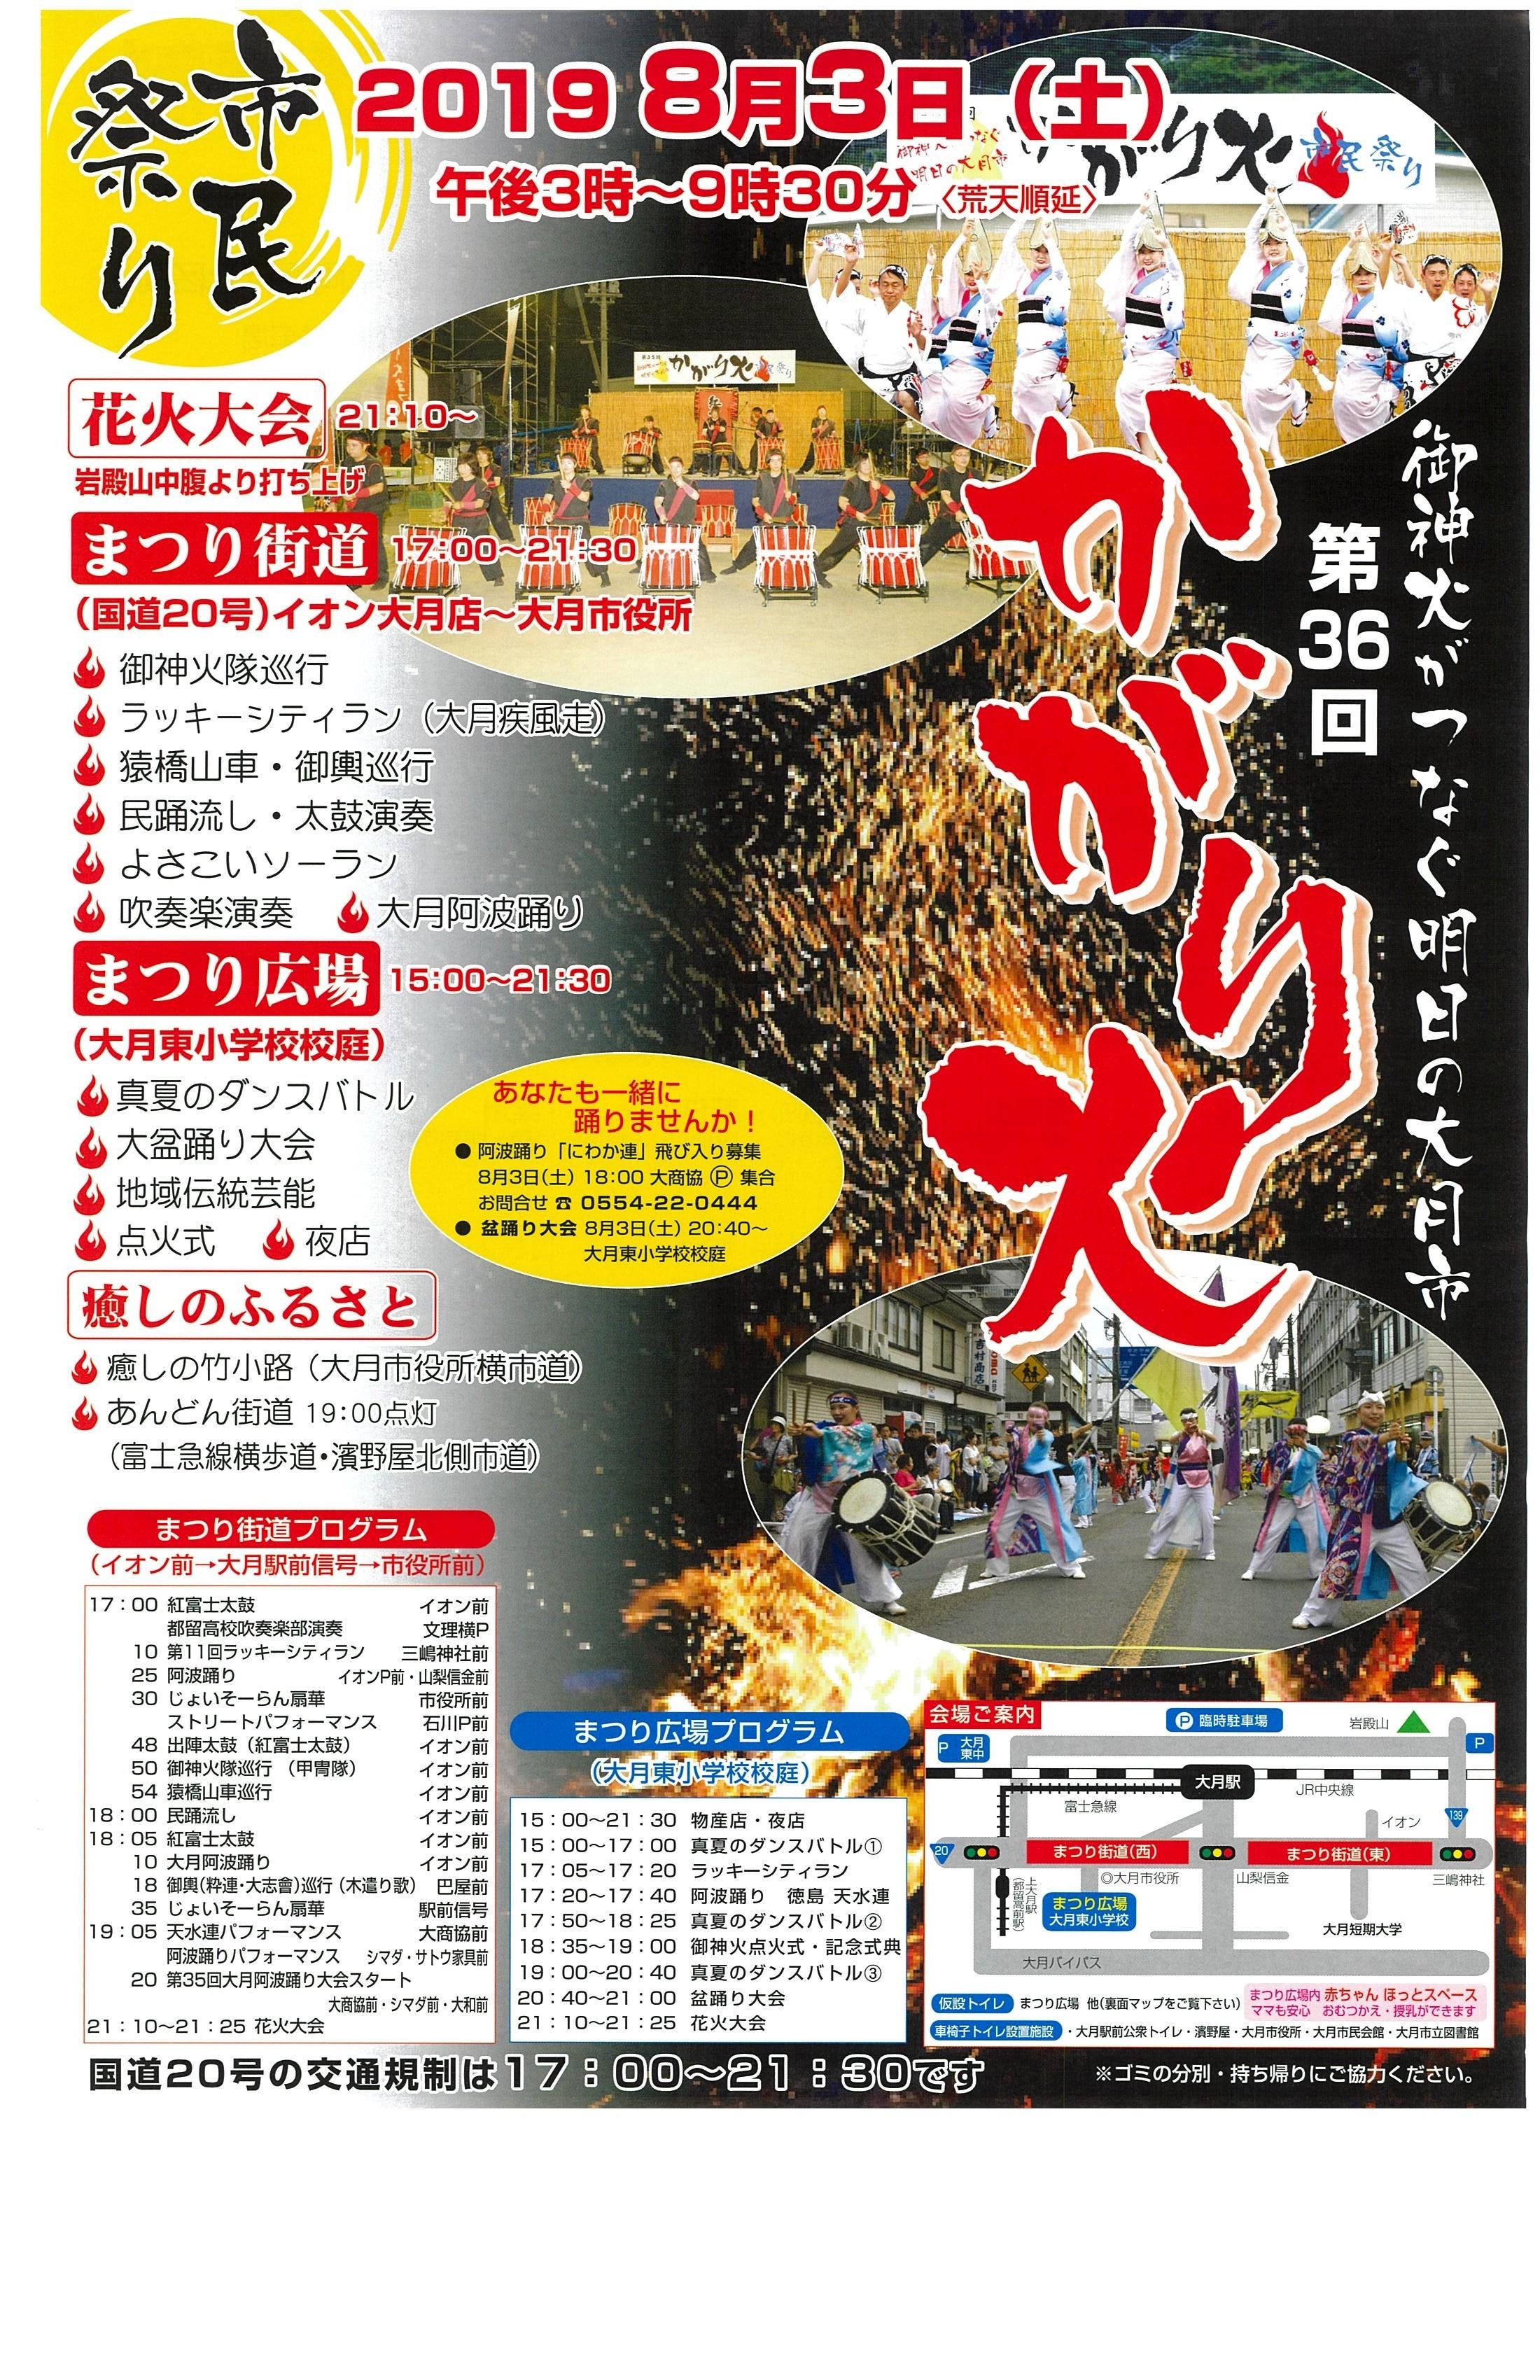 かがり火市民祭り1